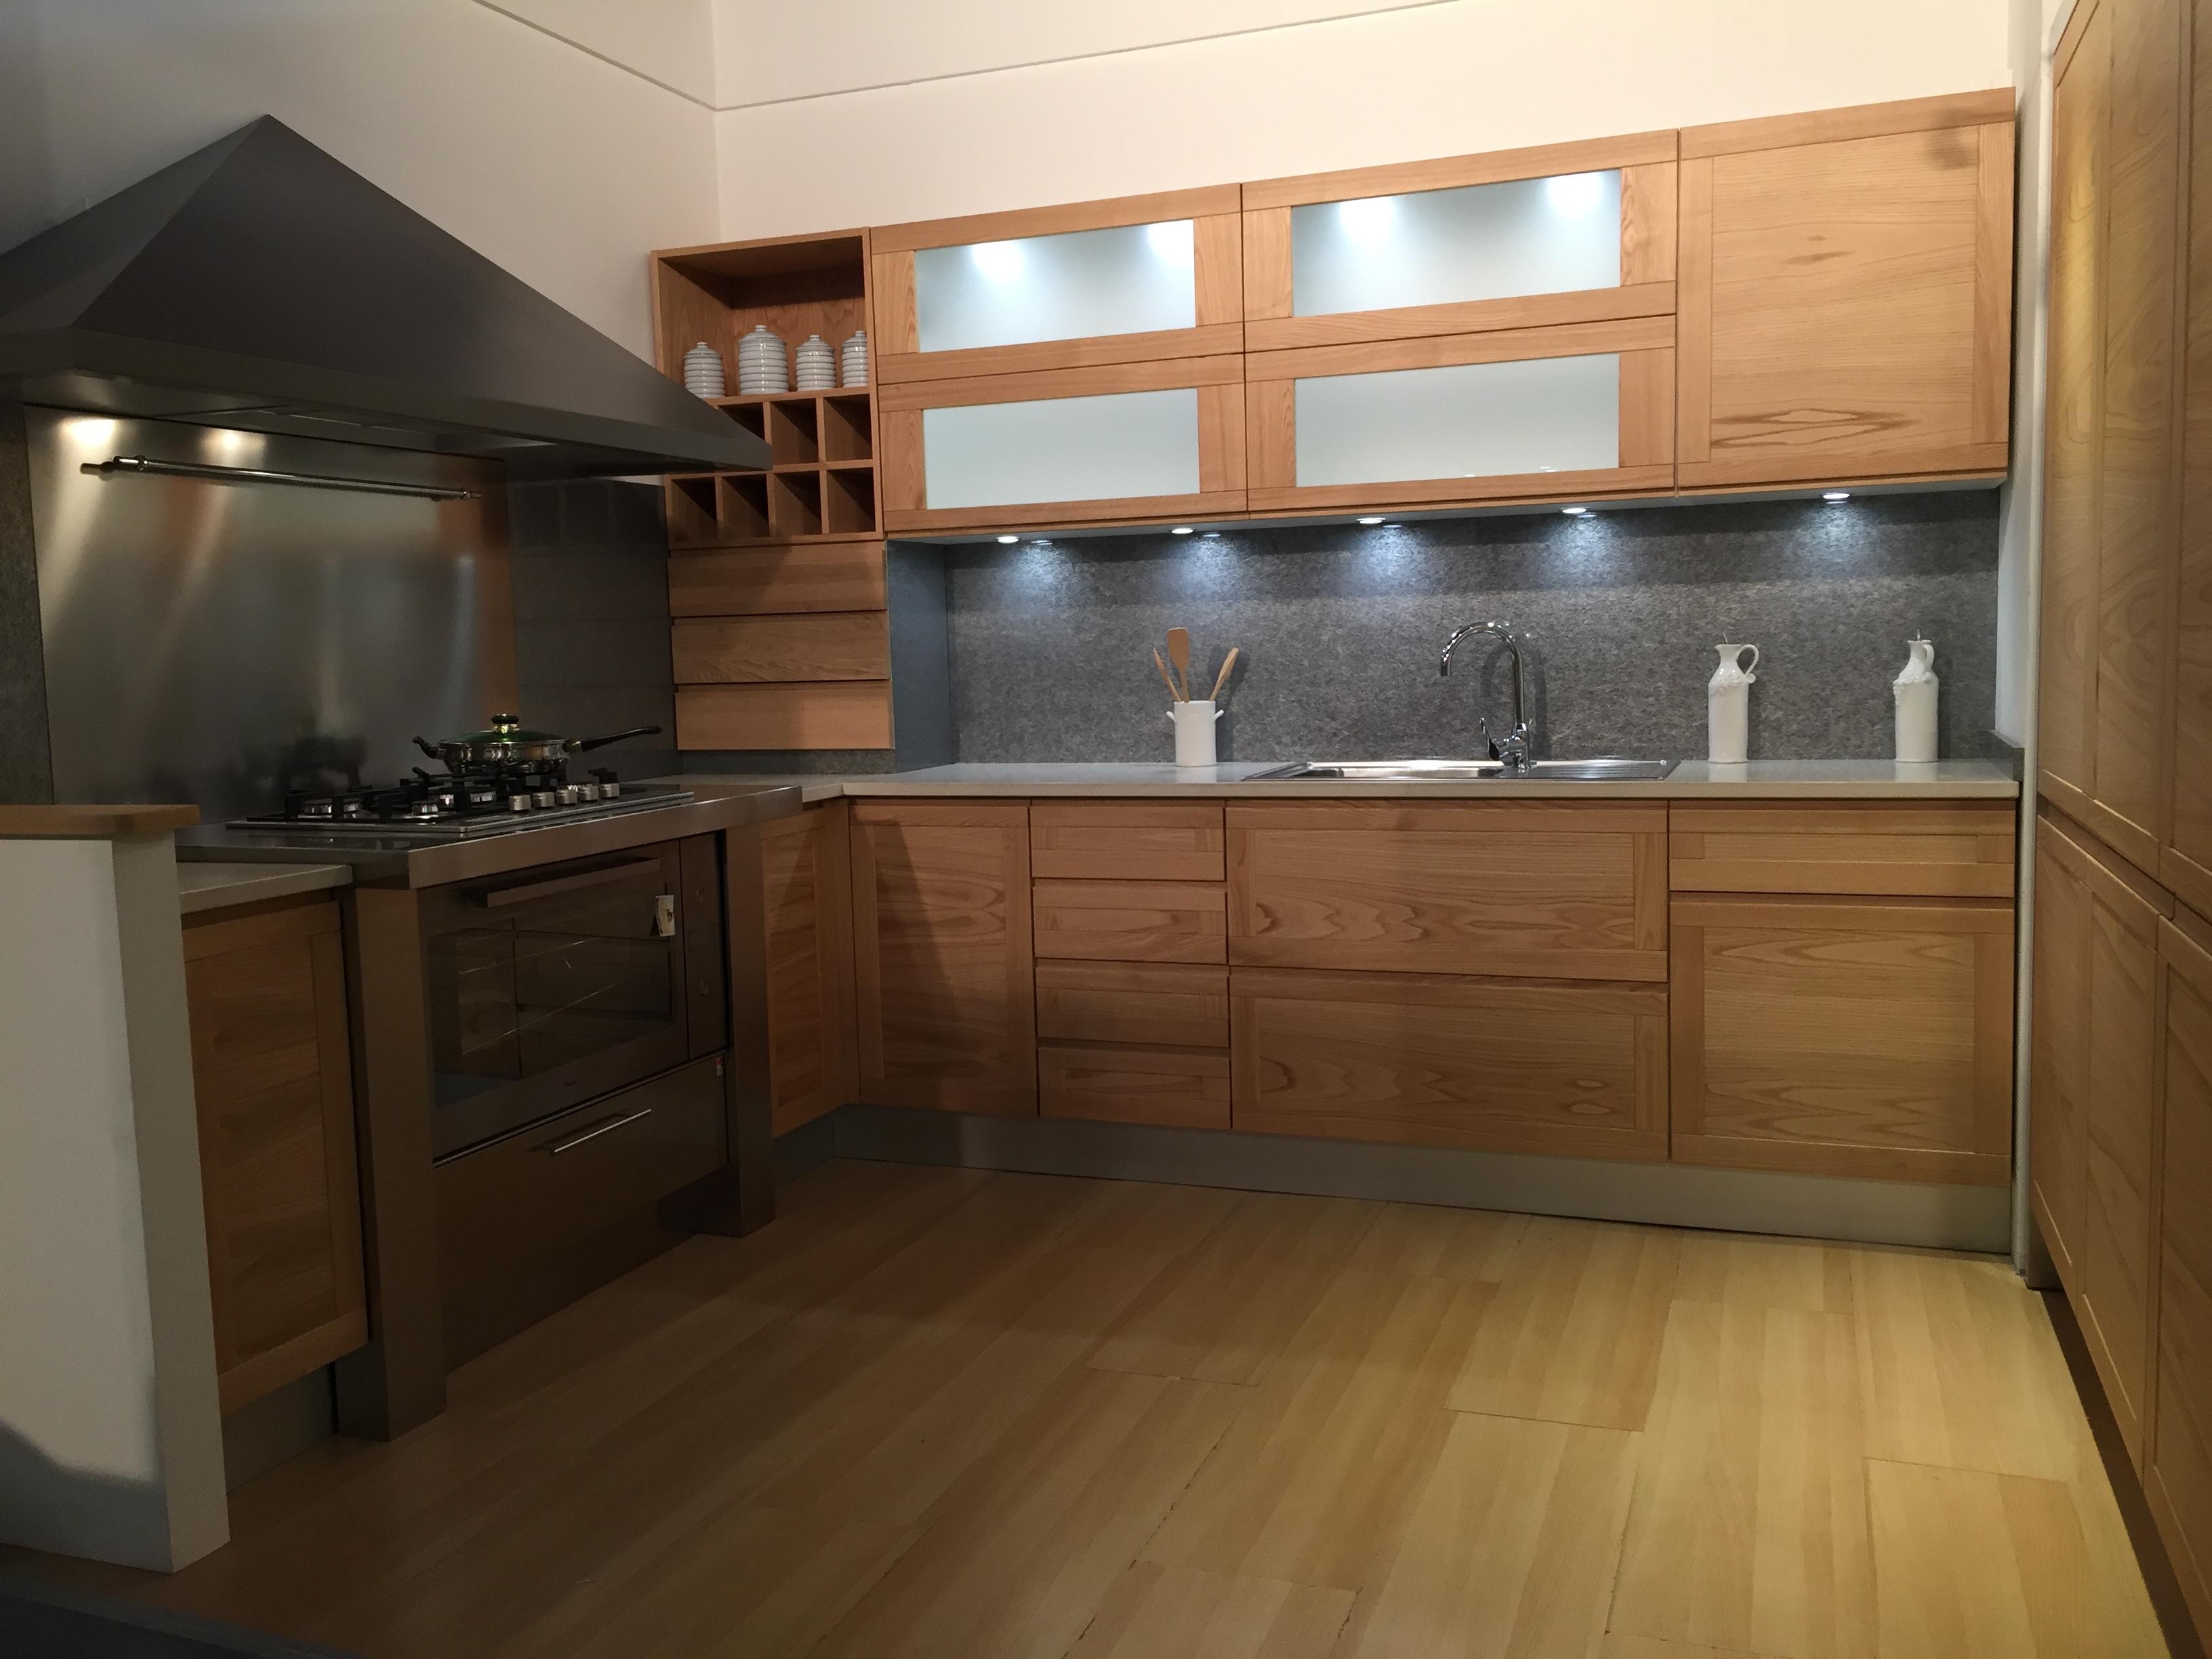 Cucine tradizionali - Phenix castagno: S4 Salima, cucine su ...